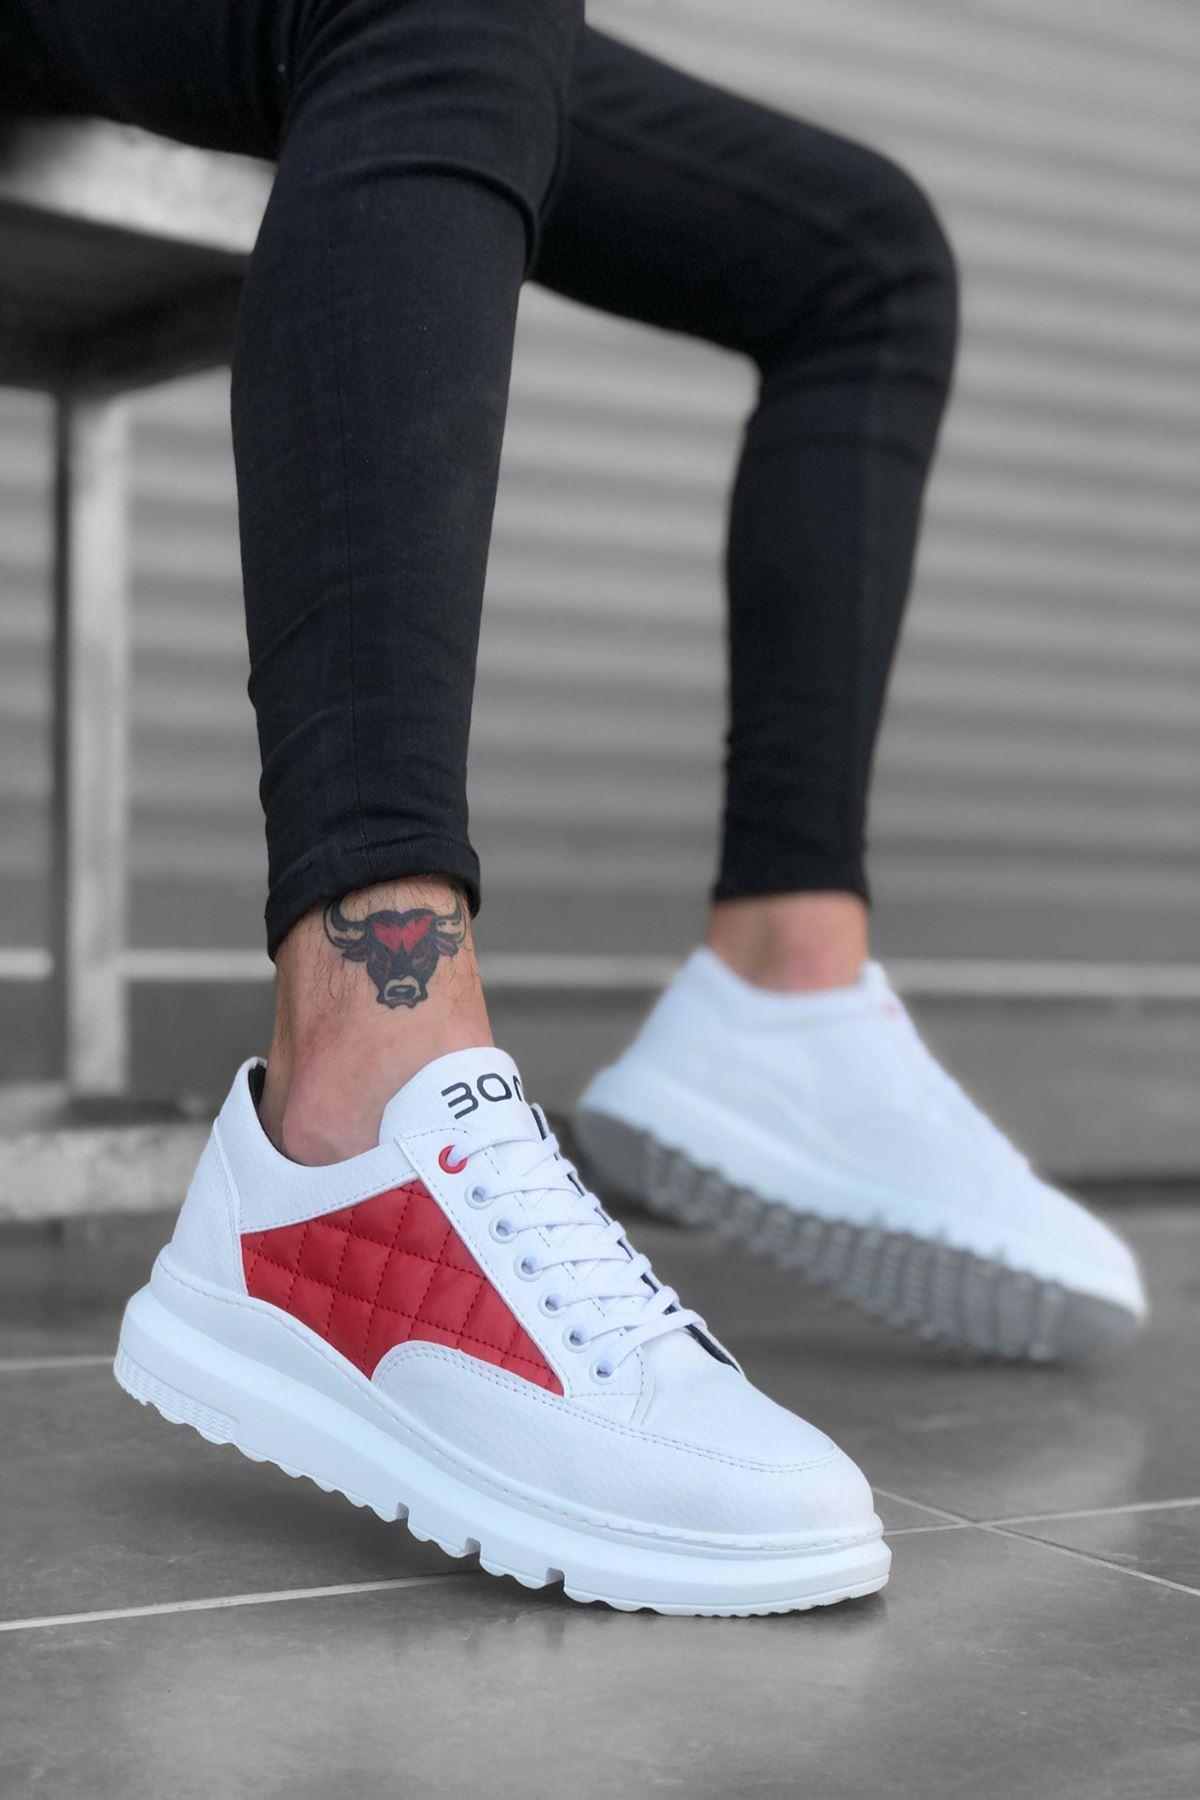 B180 Beyaz Kırmızı BT Bağcıklı Erkek Sneakers